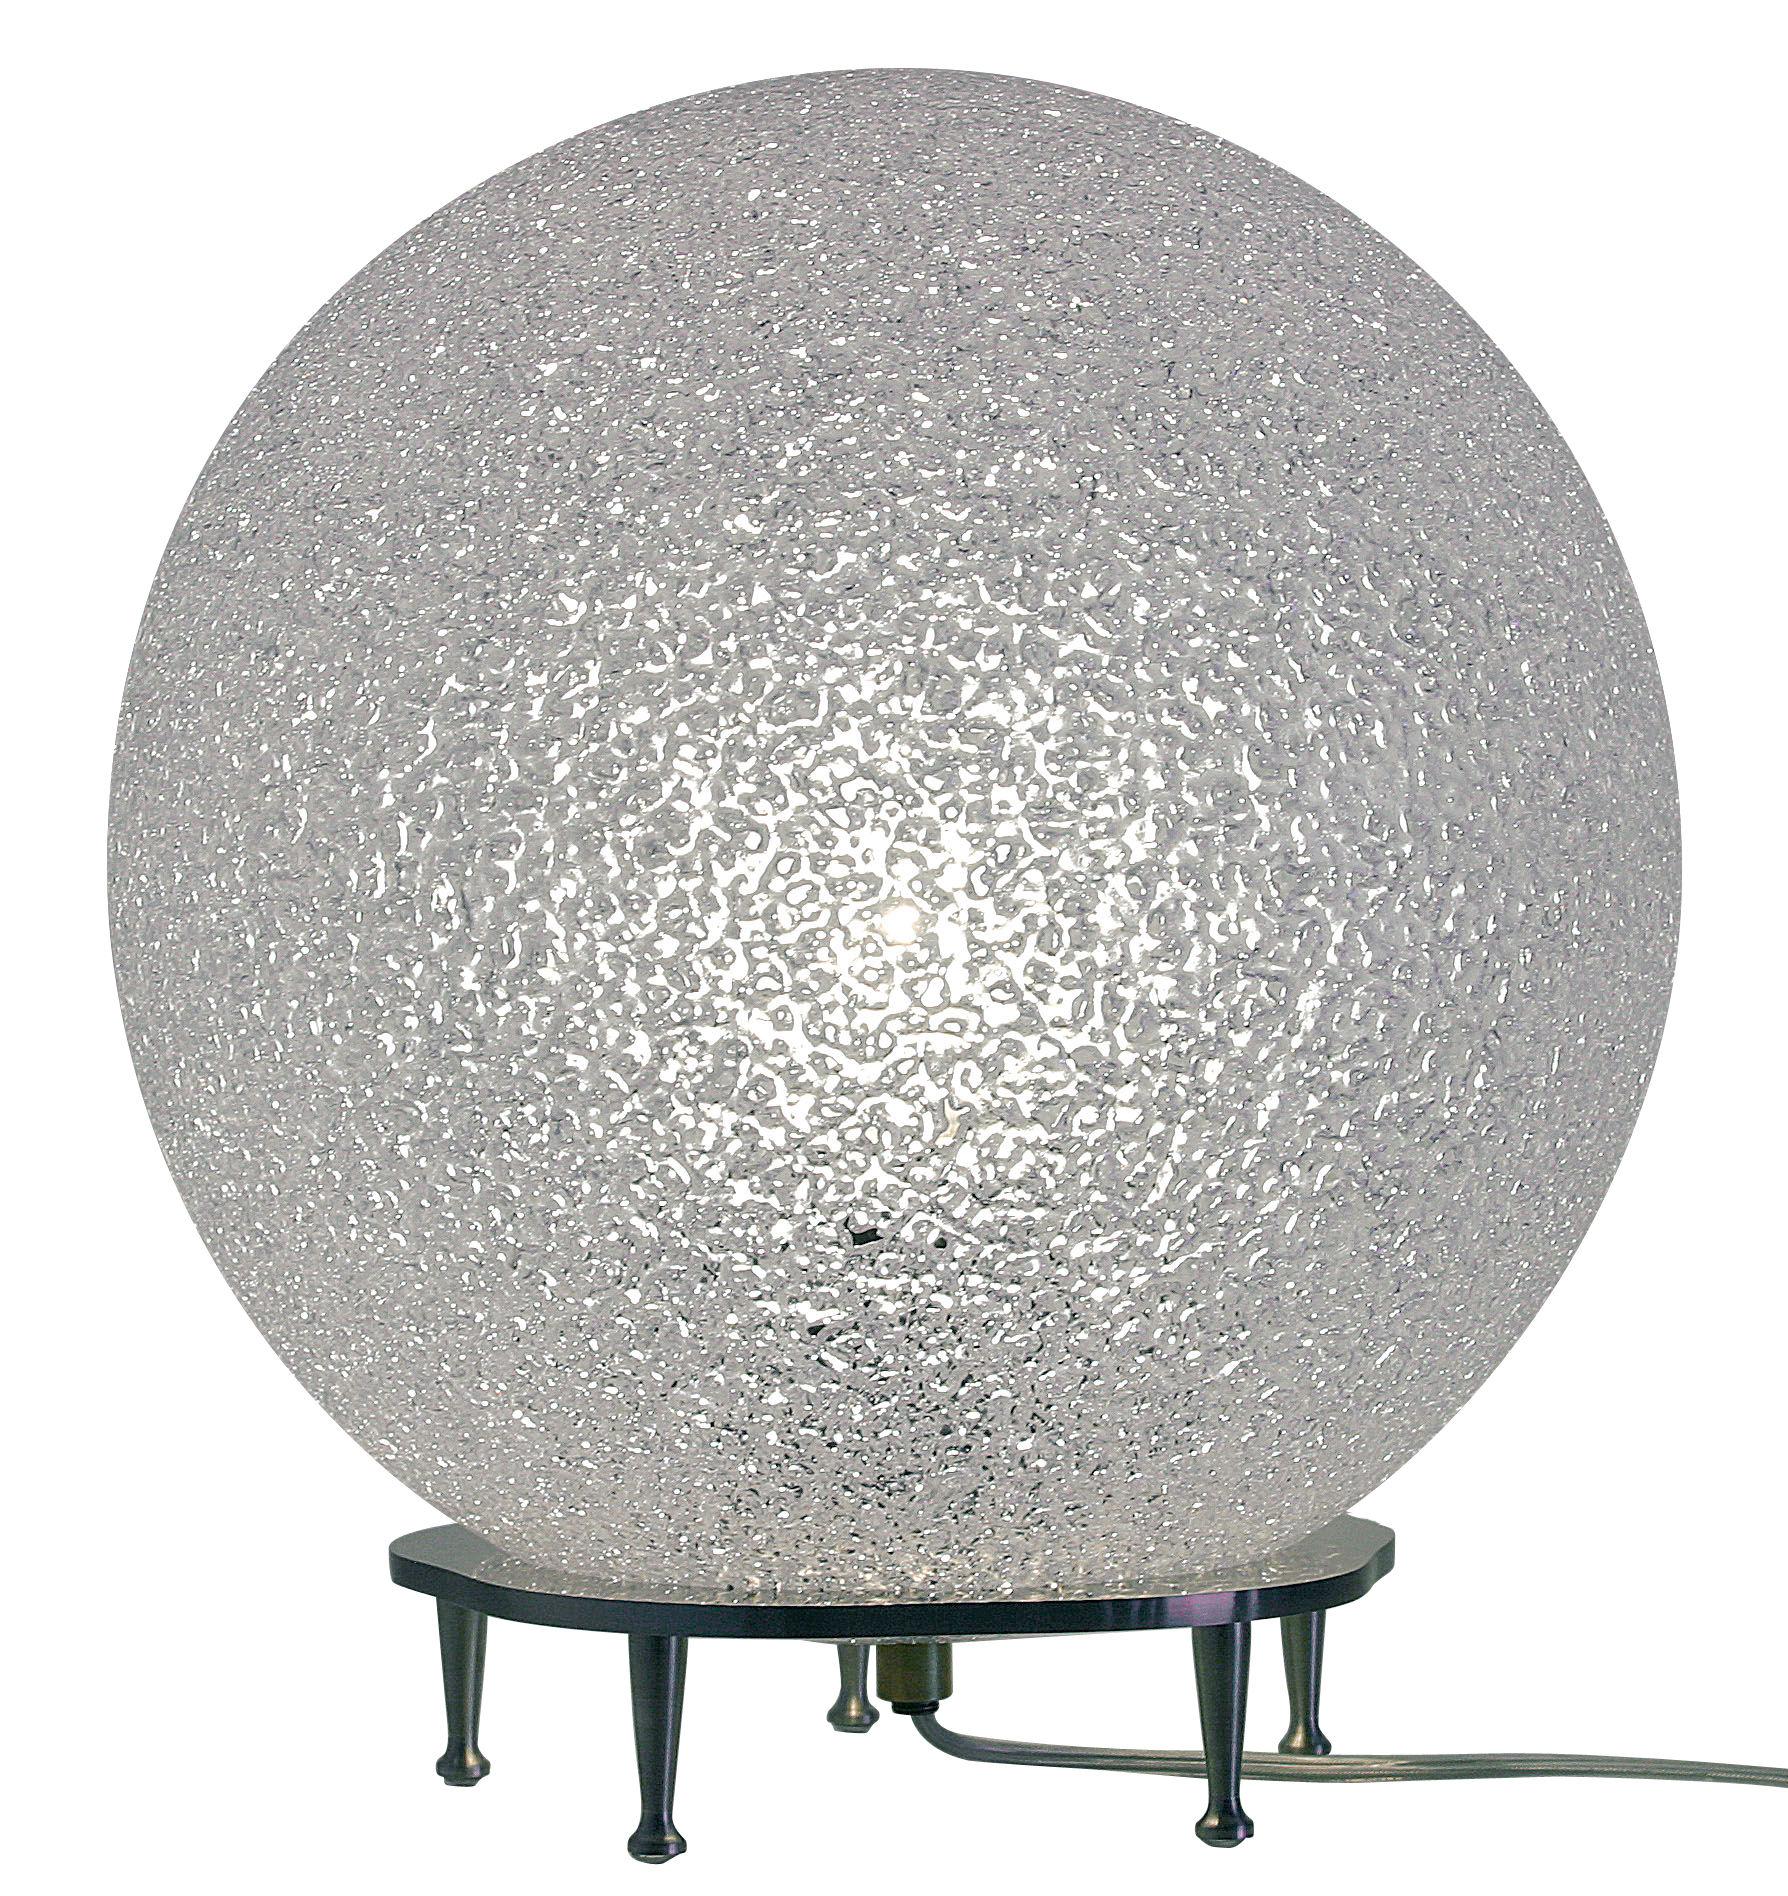 Luminaire - Lampes de table - Lampe de sol IceGlobe / Ø 57 cm - Lumen Center Italia - Ø 57 cm - Blanc - Métal, Polycarbonate